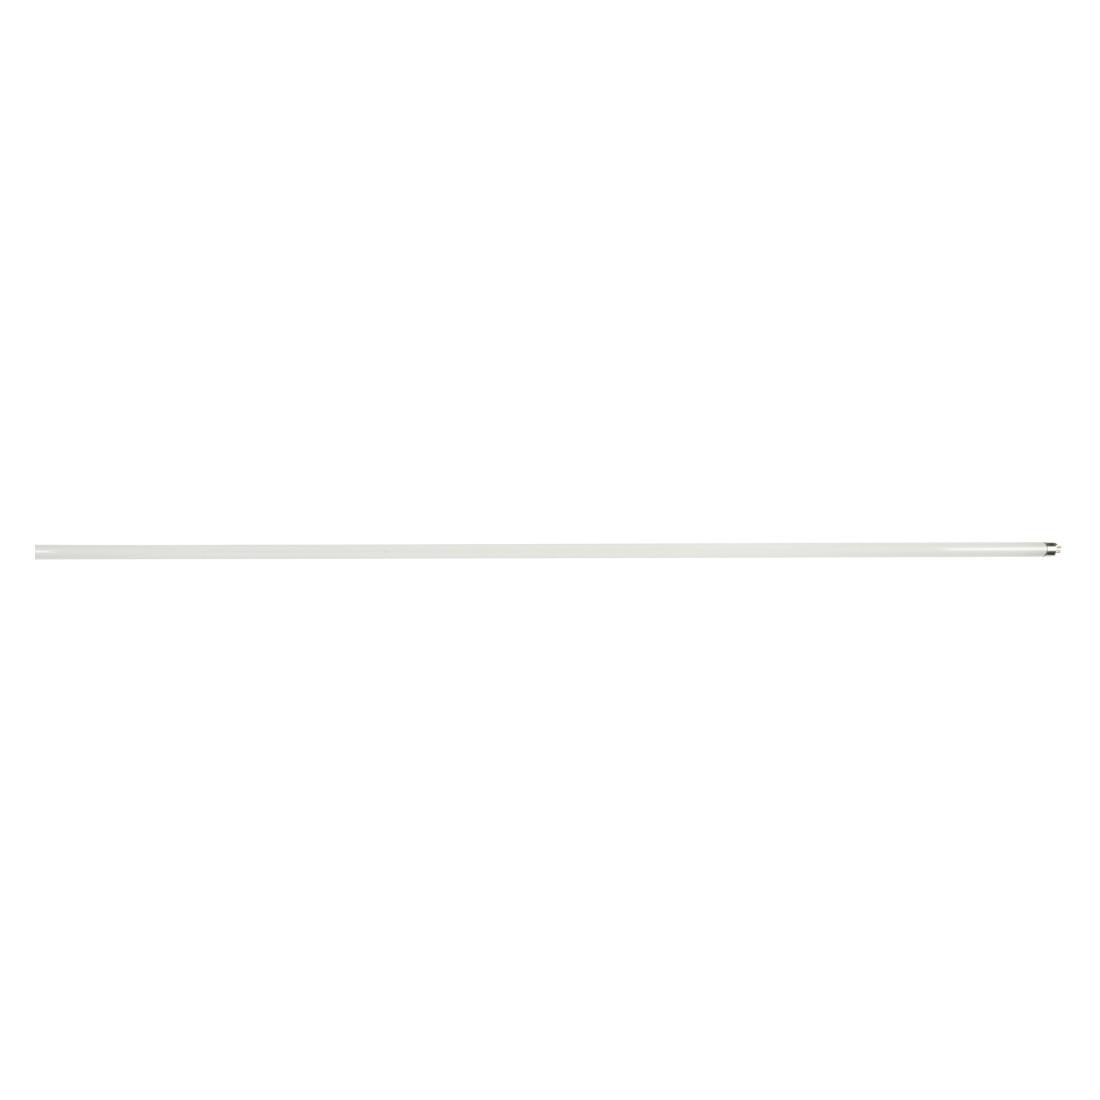 Leuchtstofflampe G5 T5 28 W 1149 warm ● Glas Weiß- Mega Licht